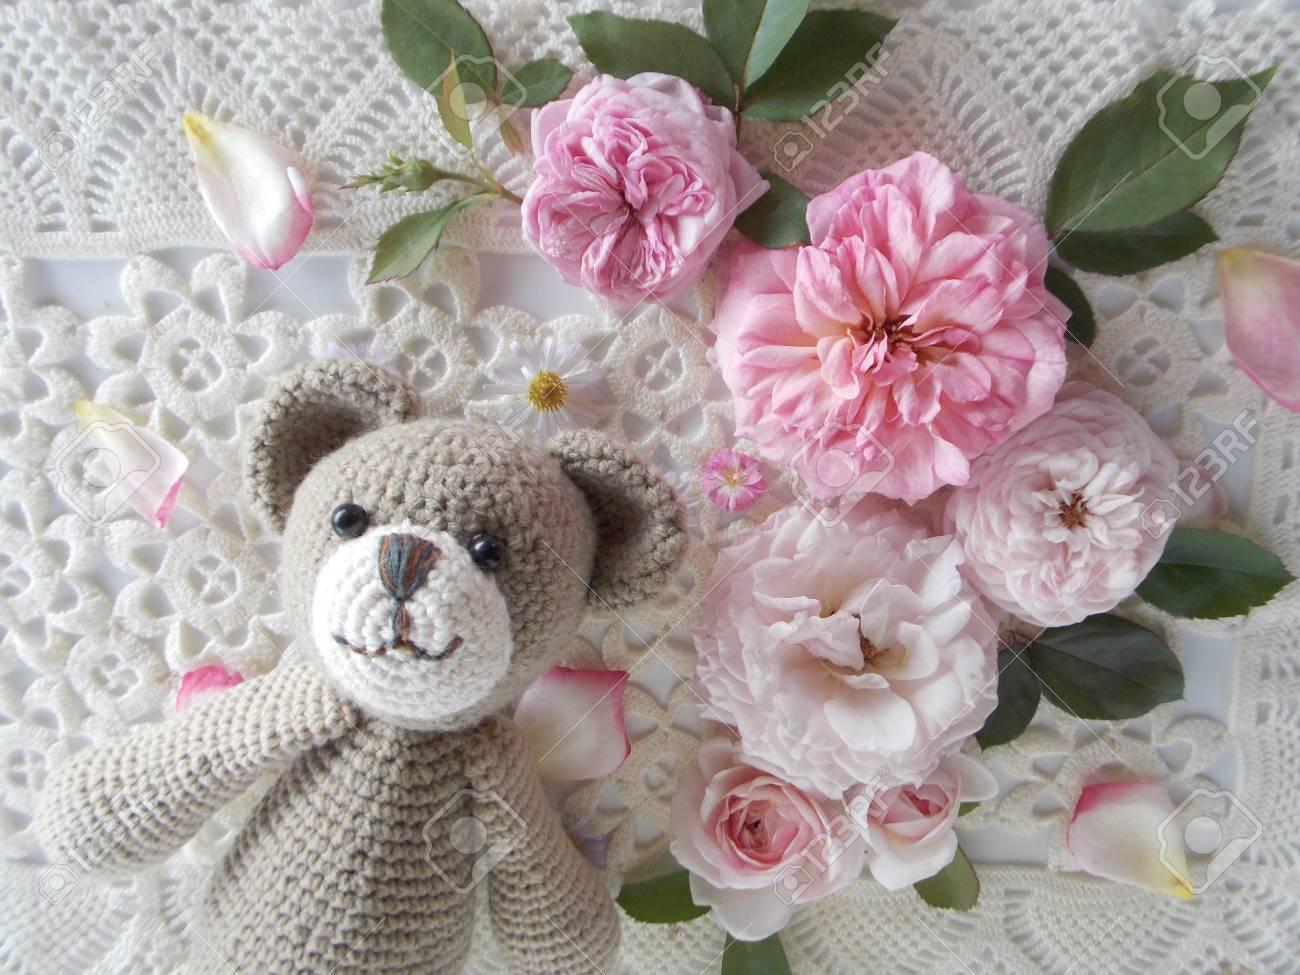 Schöne Englische Rose Blume Auf Häkeln Spitze Hintergrund